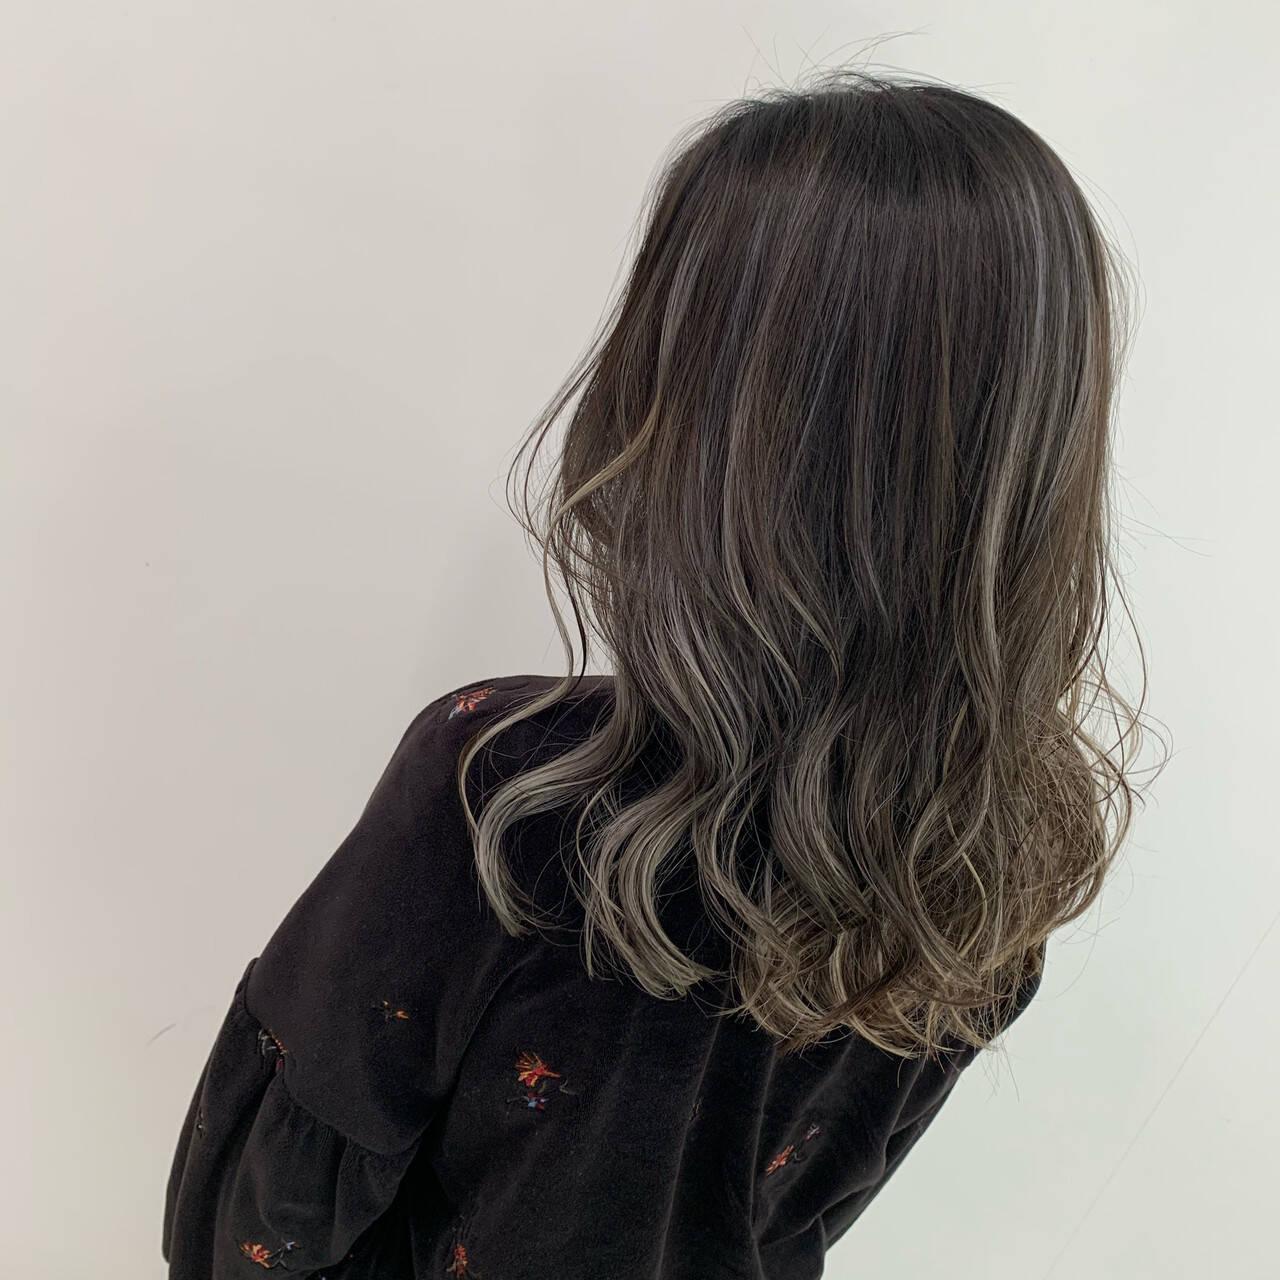 グレージュ ブリーチ ストリート コントラストハイライトヘアスタイルや髪型の写真・画像